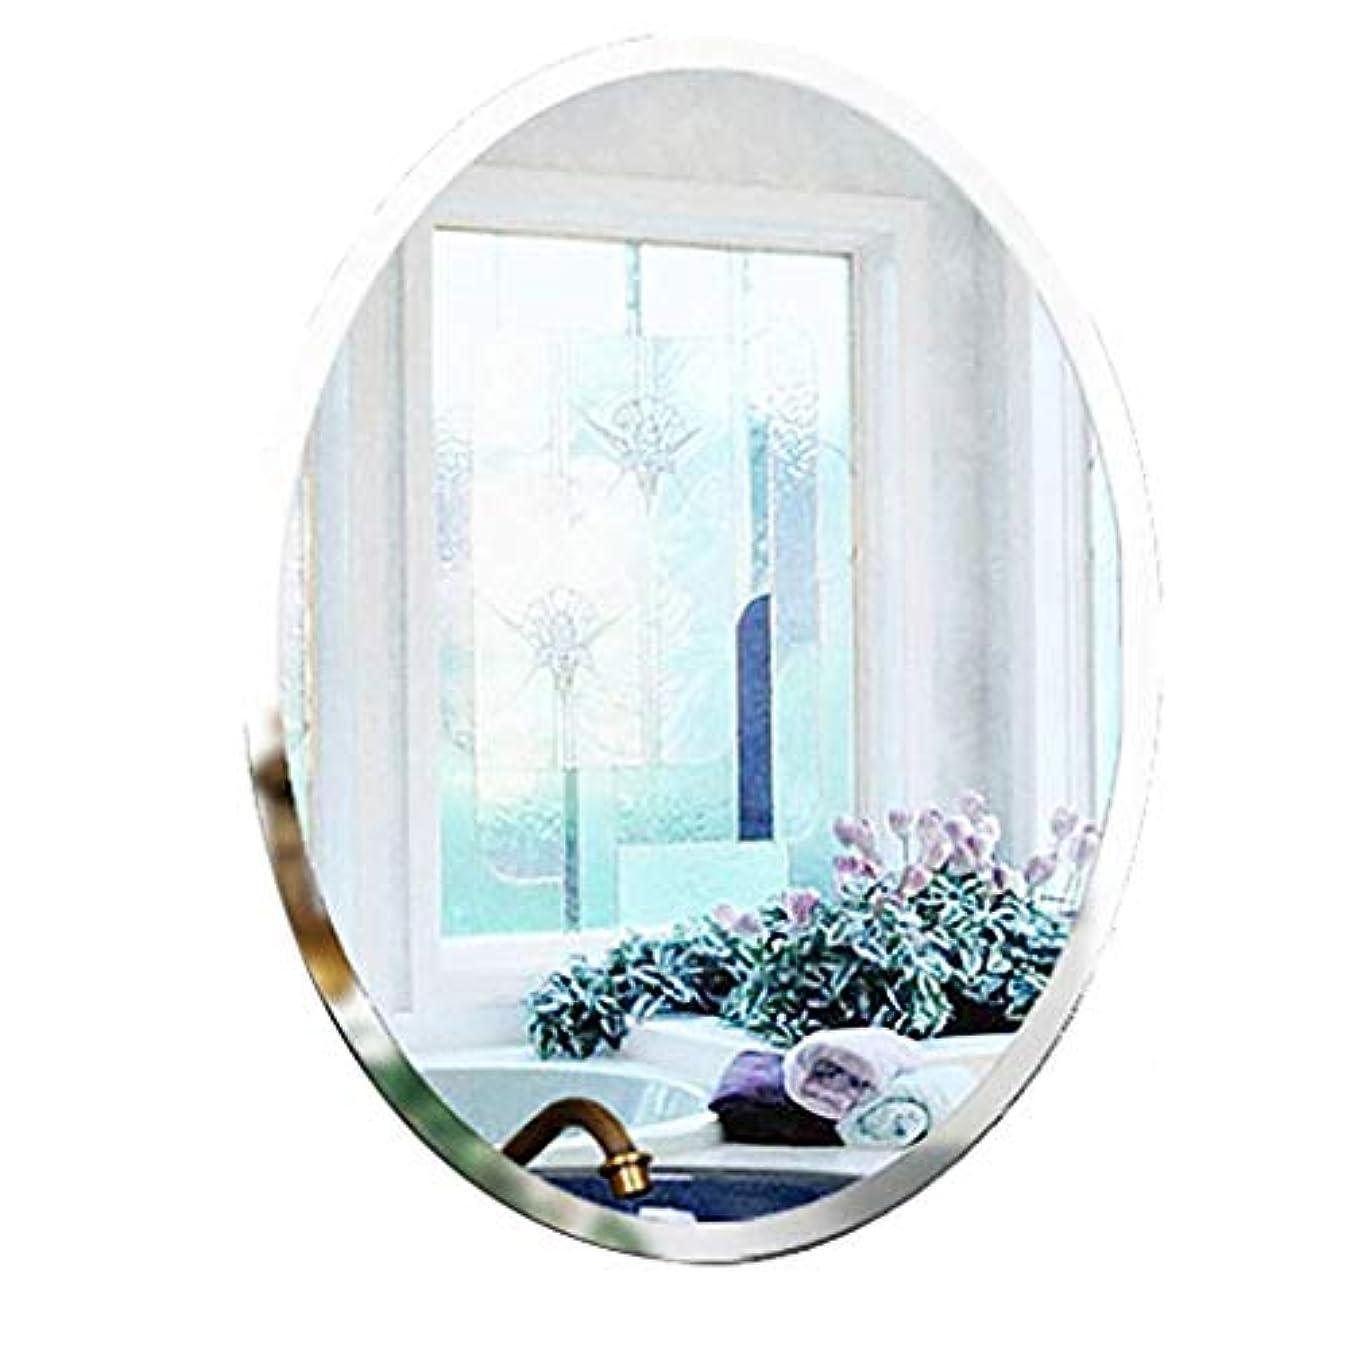 Selm 壁掛け化粧鏡、オーバルフレームレス浴室用ミラー壁掛け固定金具ハードウェア用バスルーム洗面所50CMx70CM